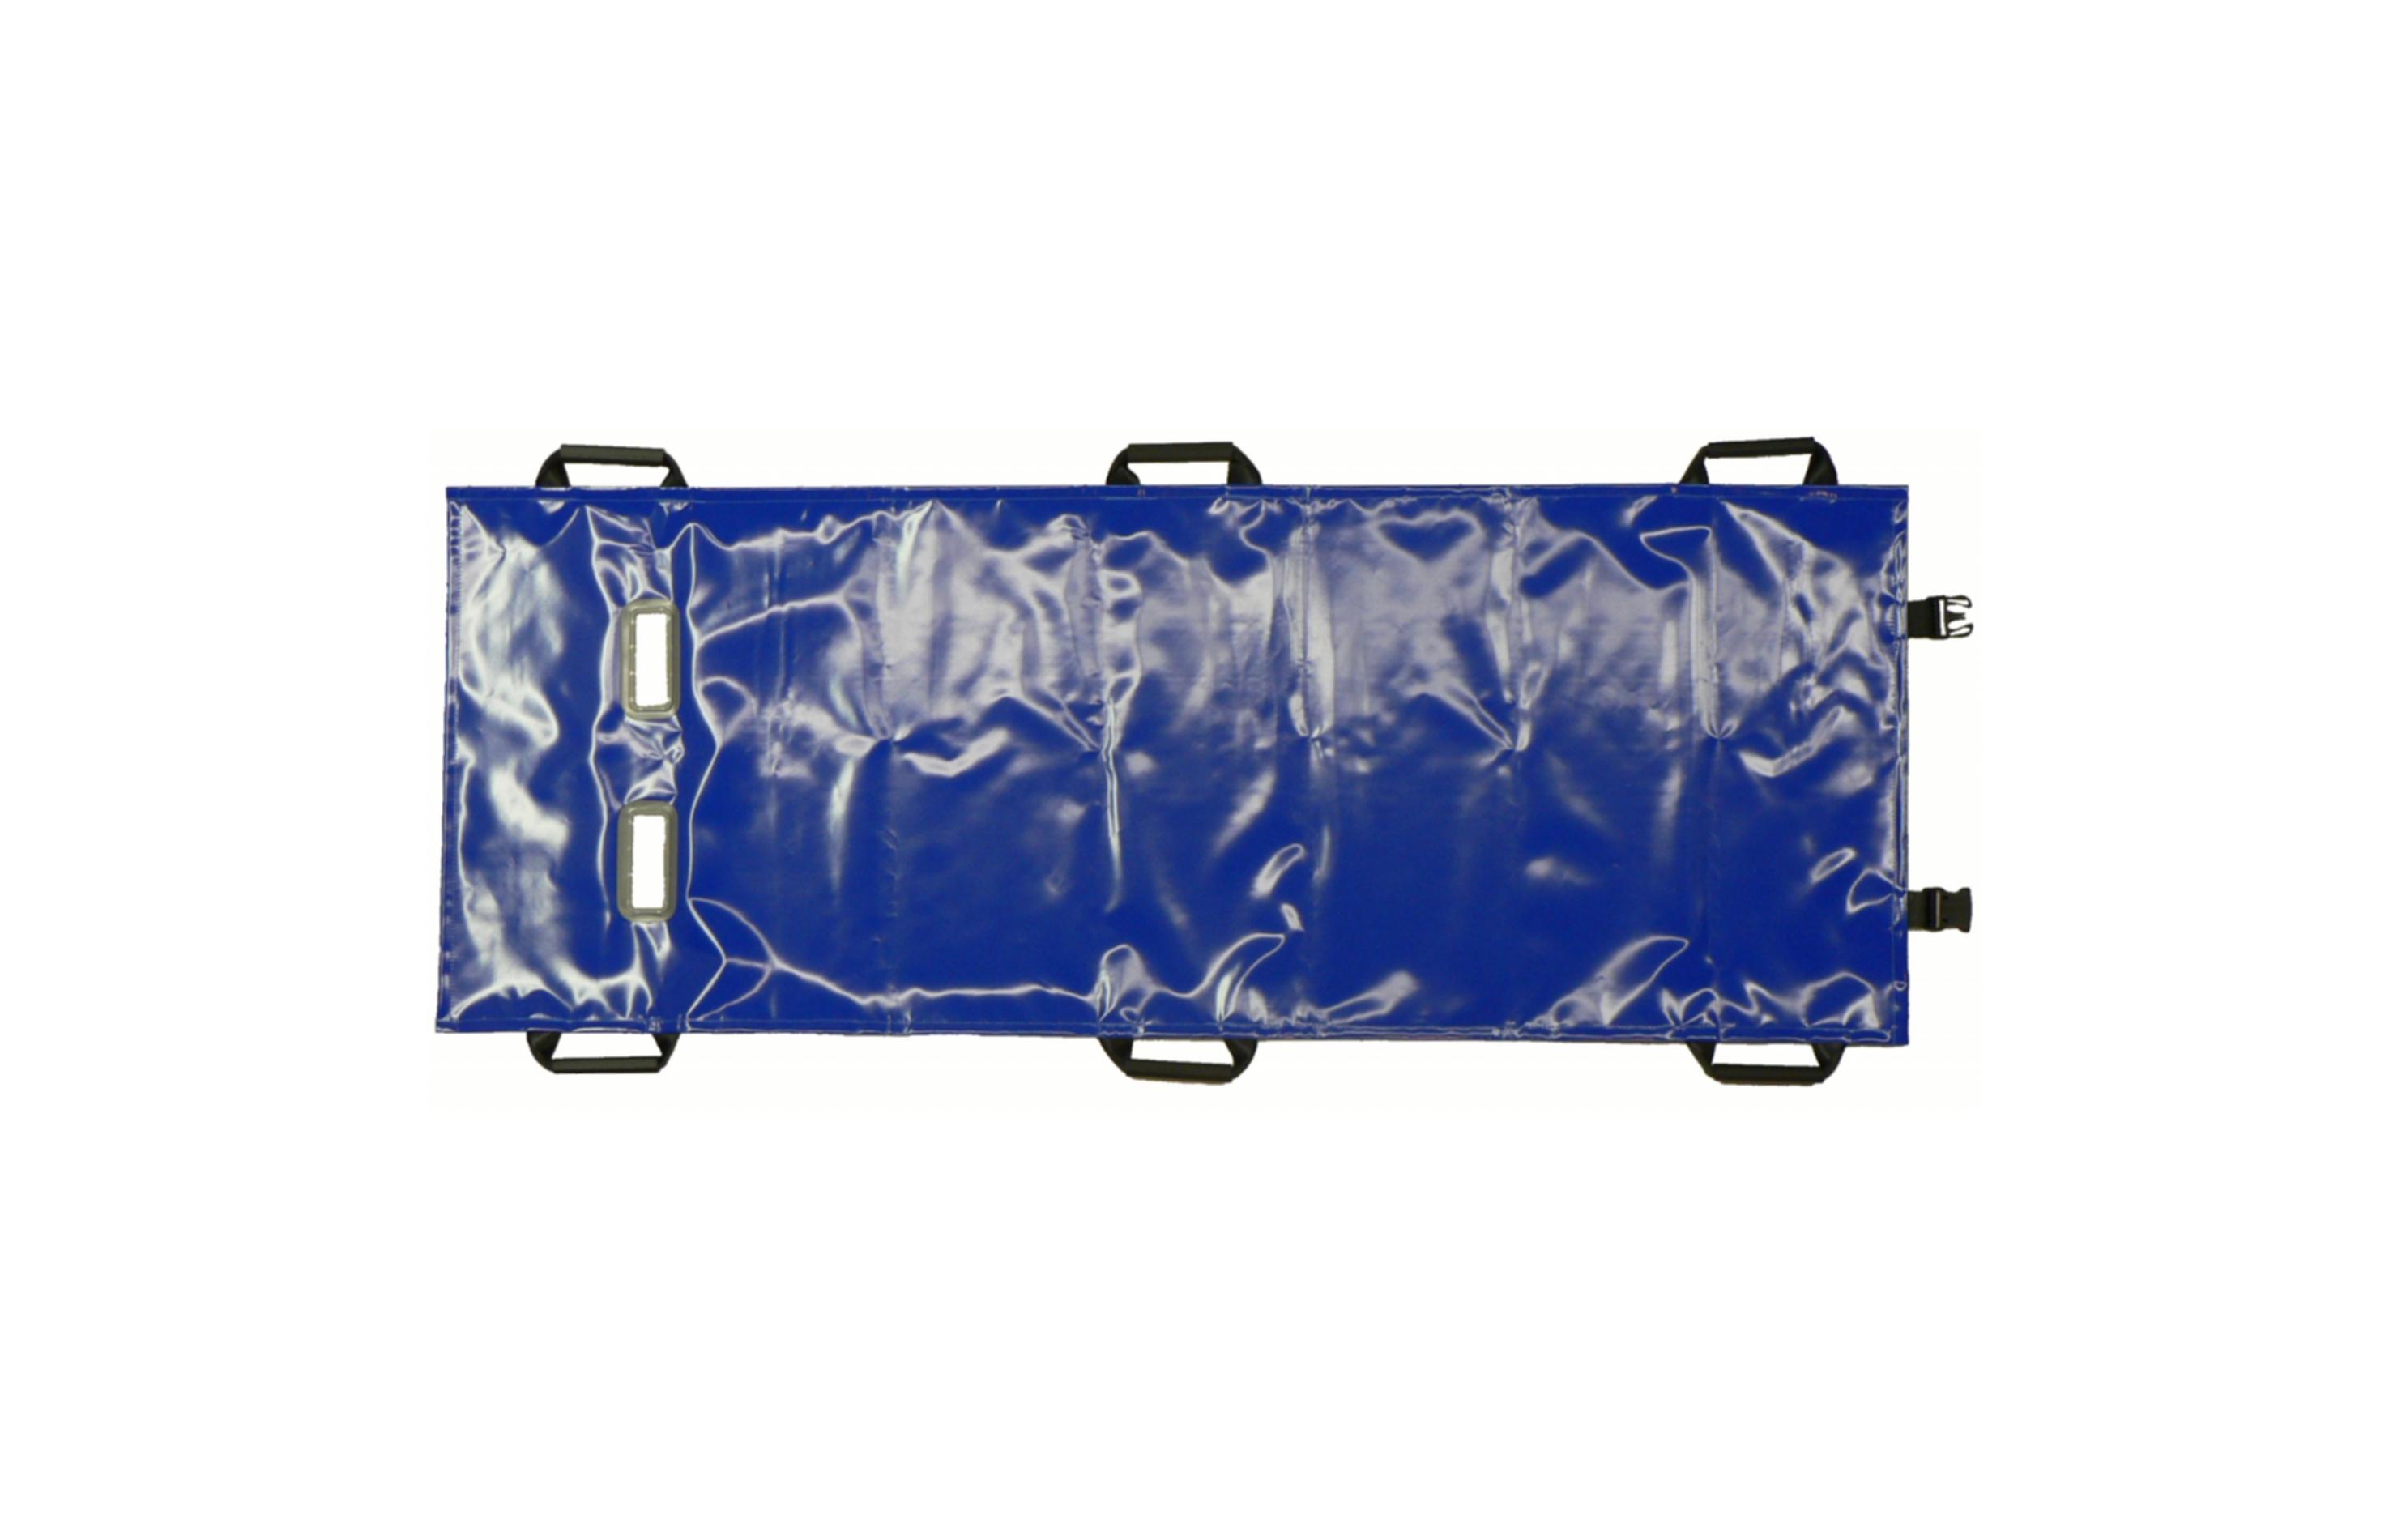 Rettunsgtuch 76 x 200 cm in blau